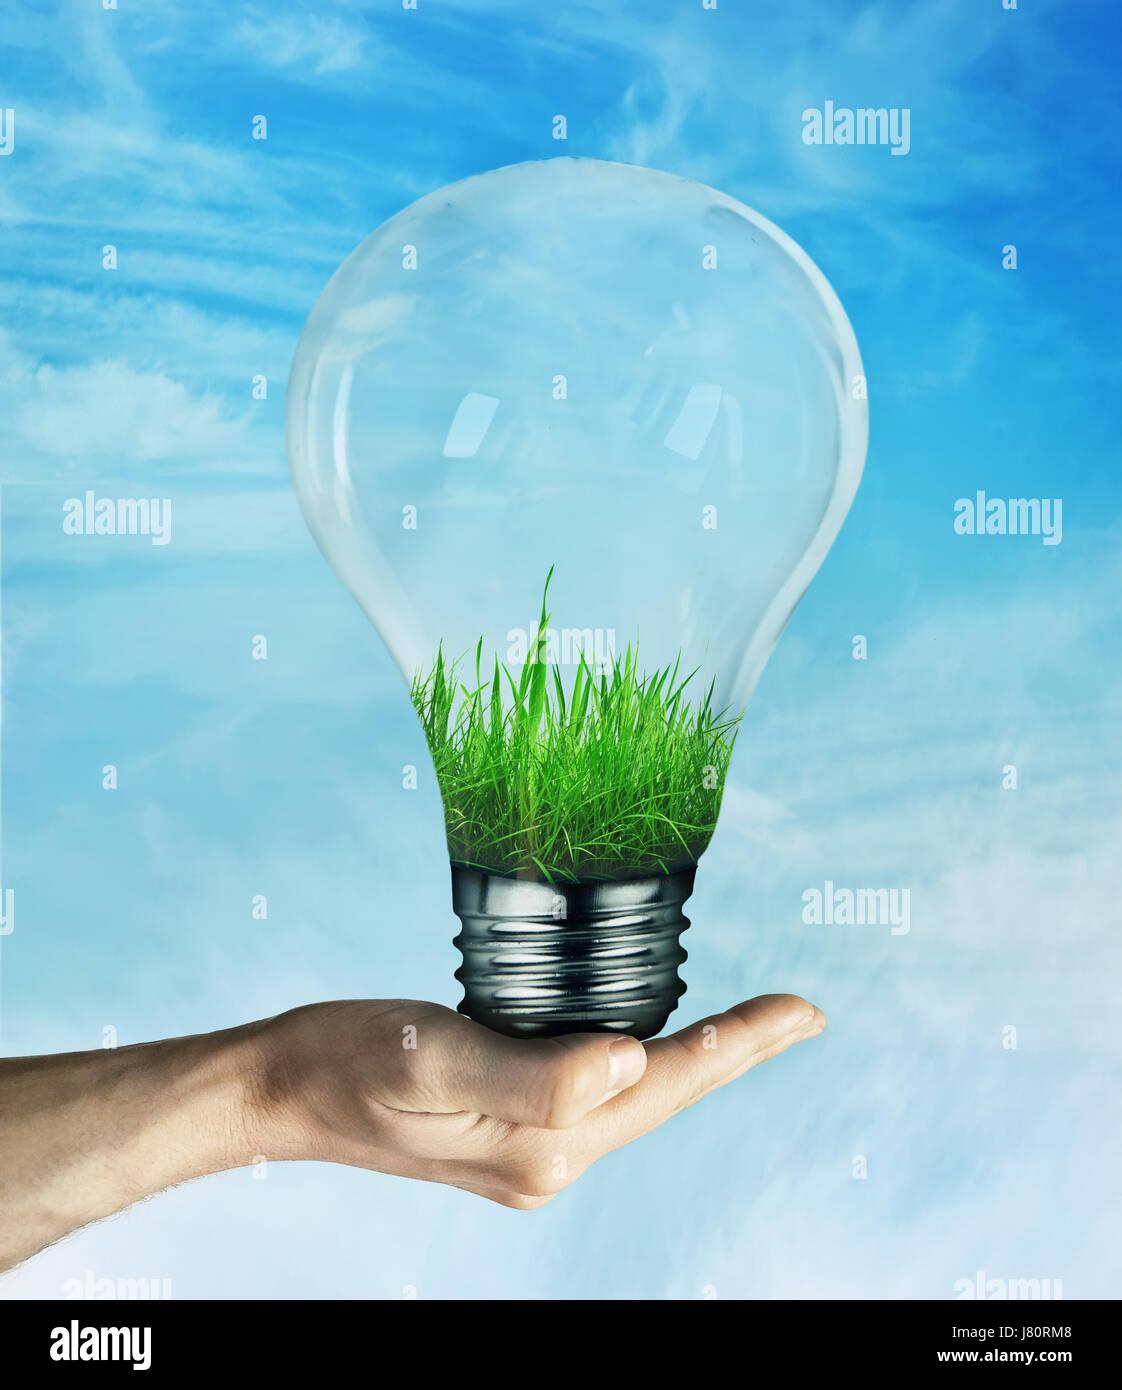 Mano humana sosteniendo una bombilla con hierba verde que crece en su interior, sobre fondo de cielo azul. Concepto Foto de stock